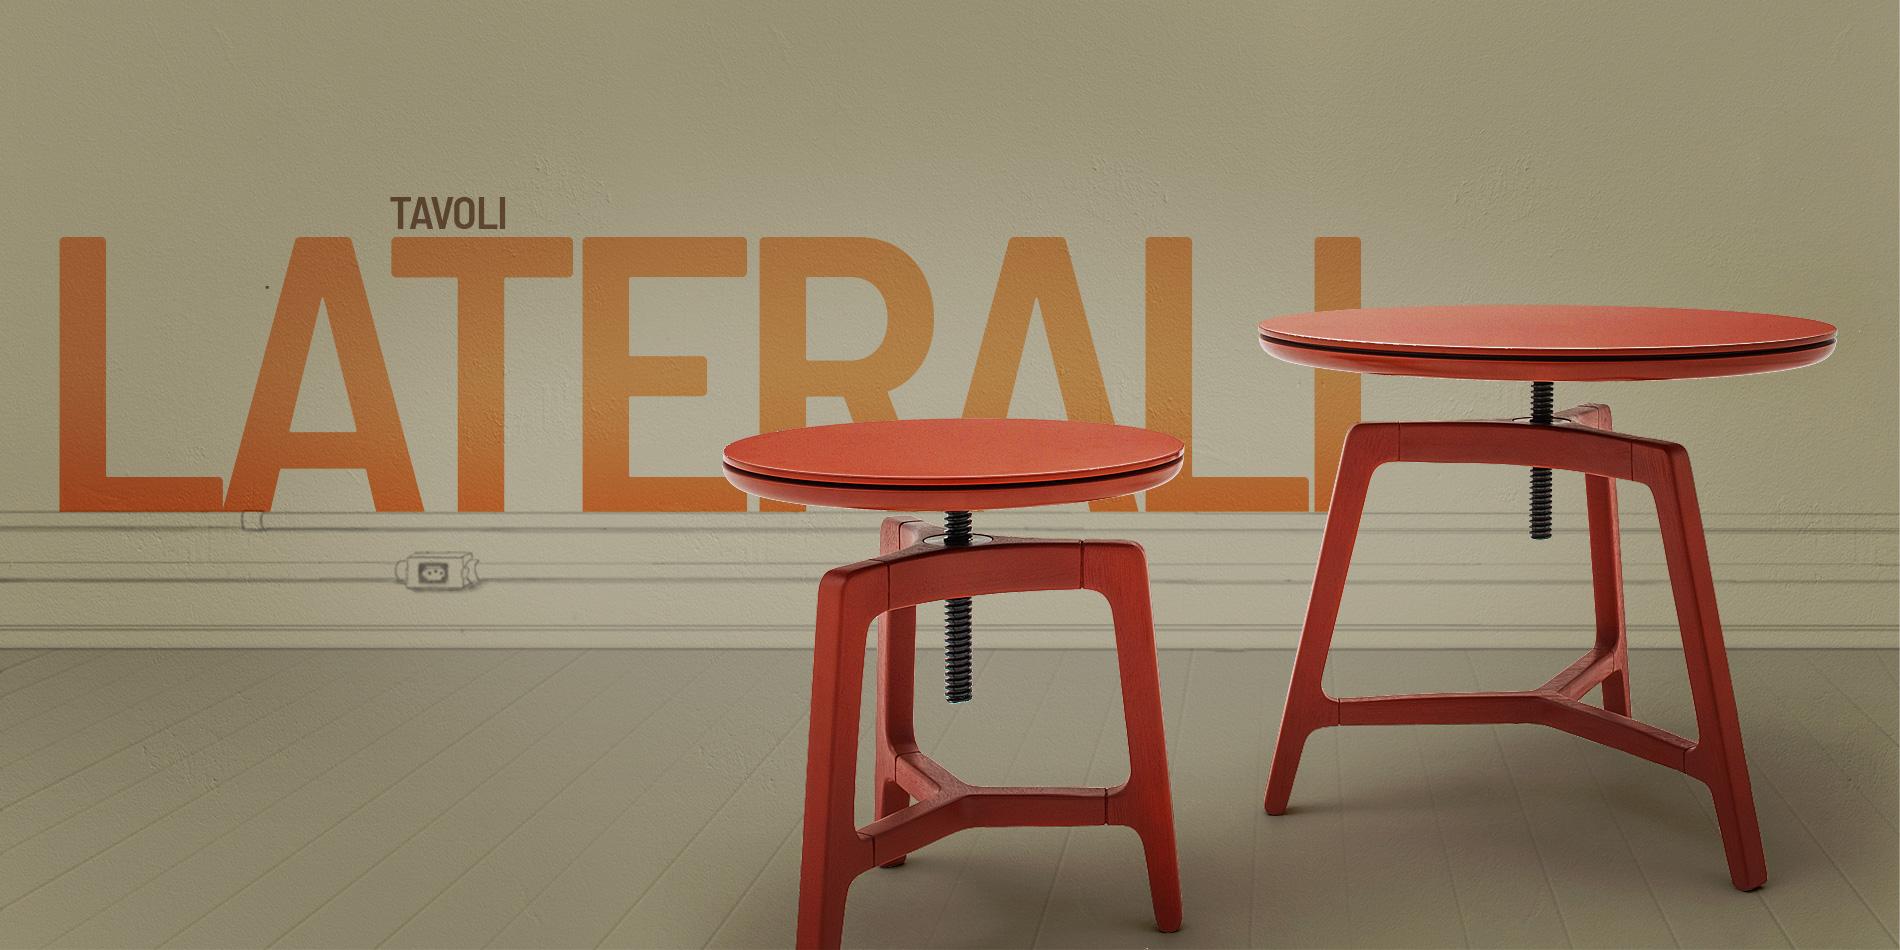 tavoli laterali